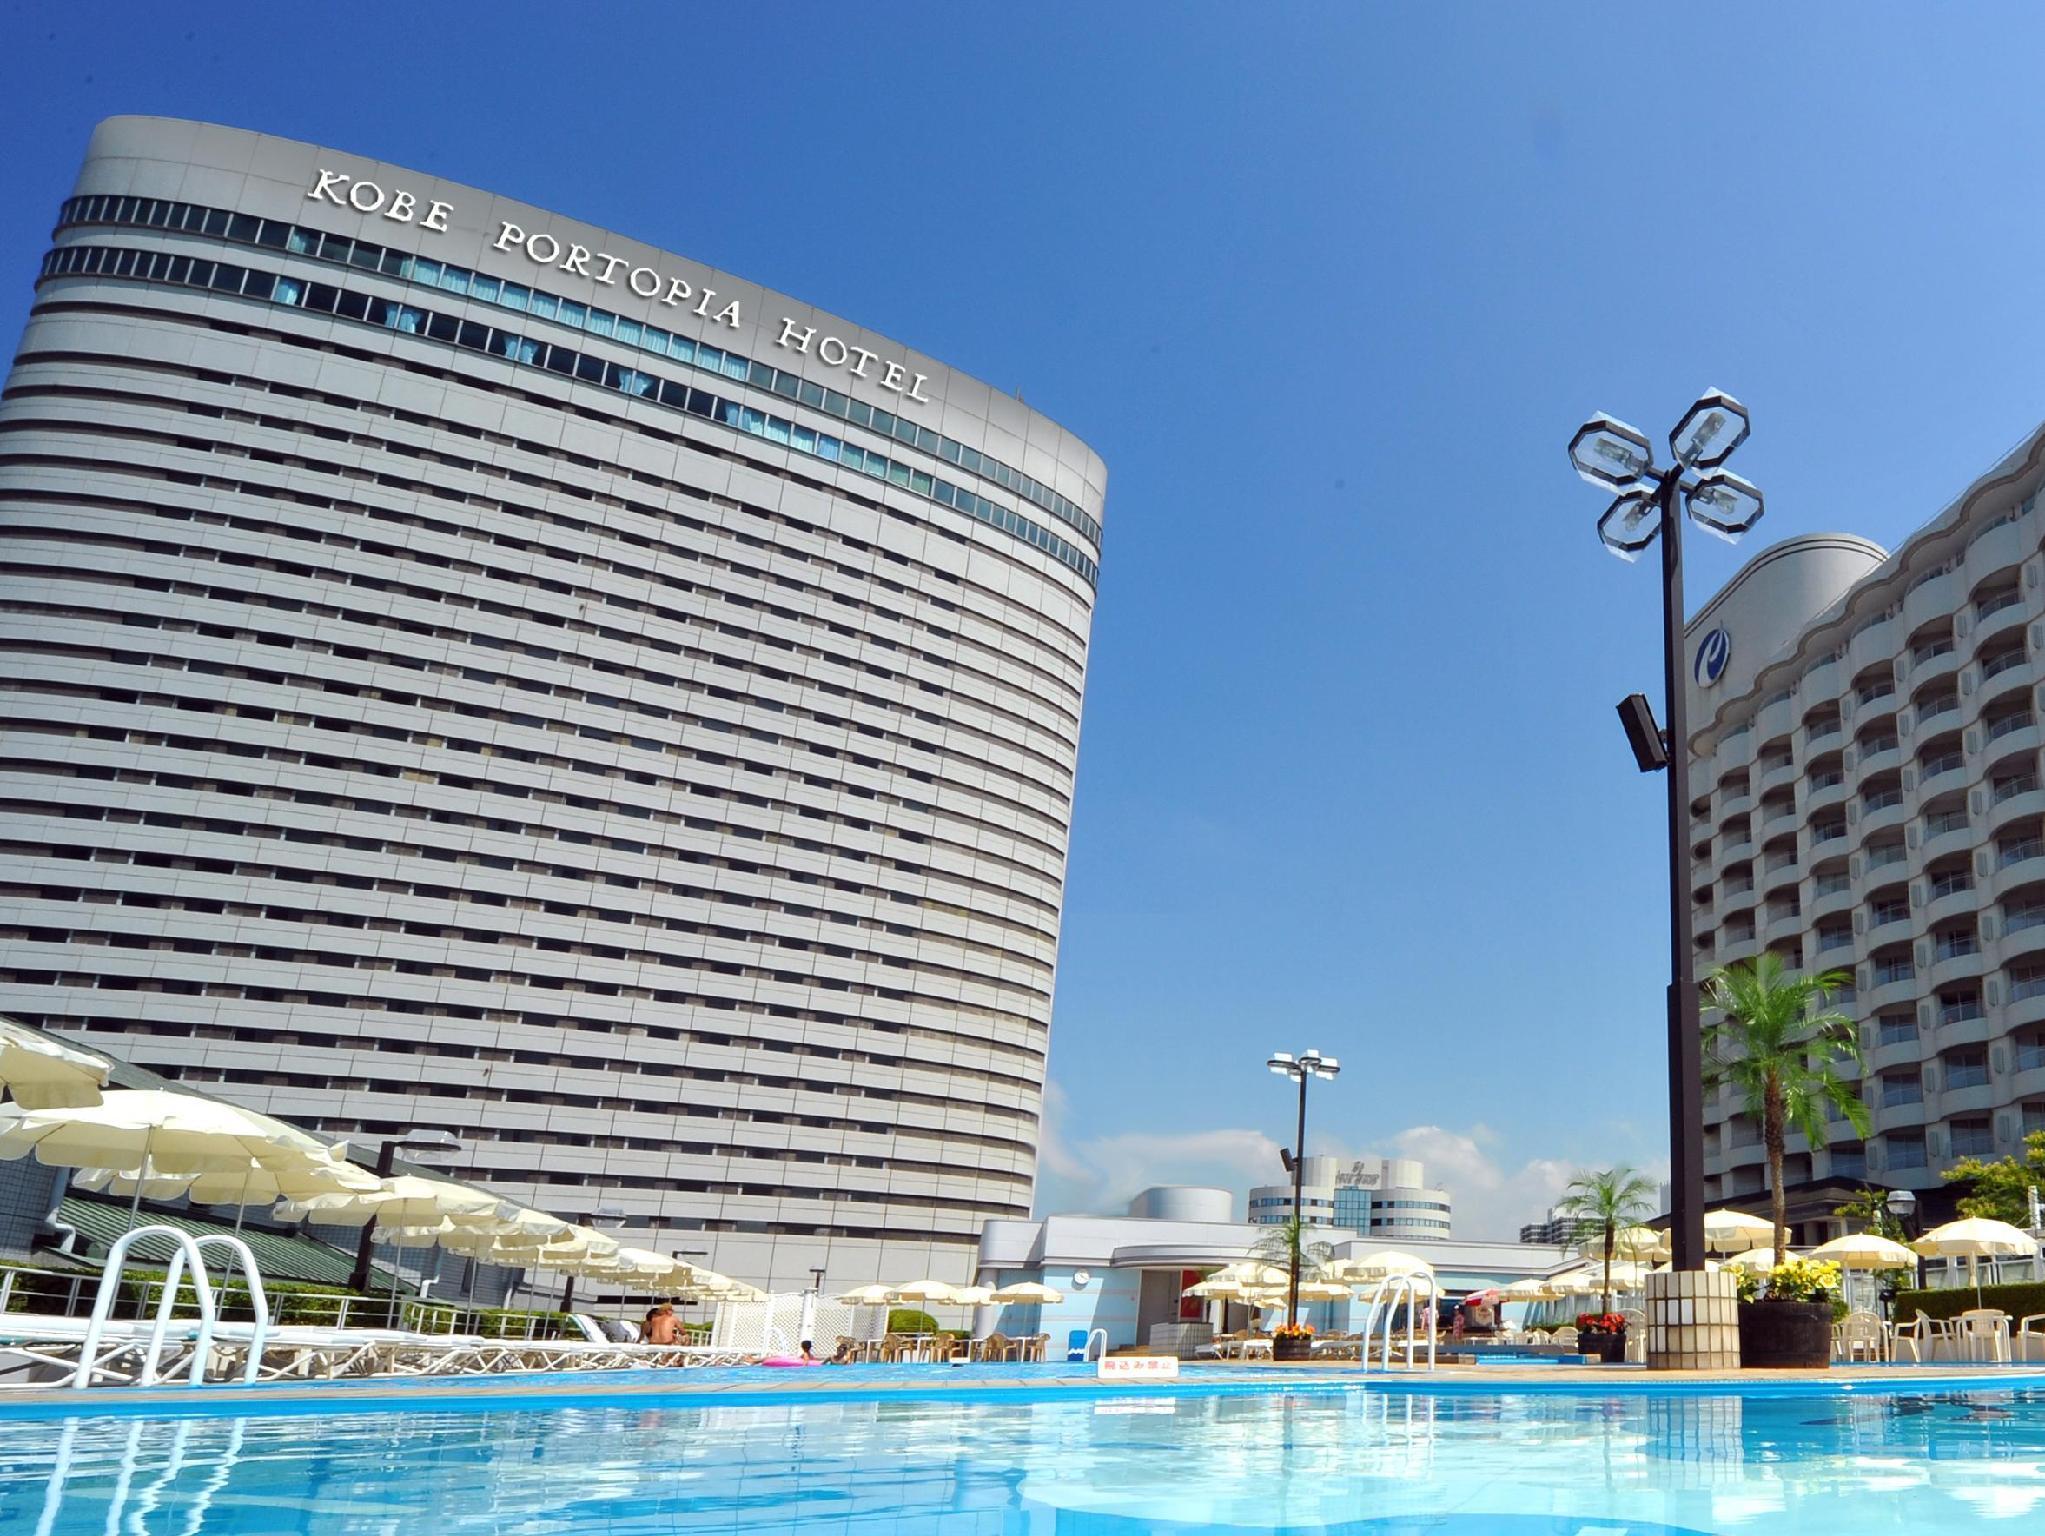 โรงแรมโกเบพอร์โตเปีย